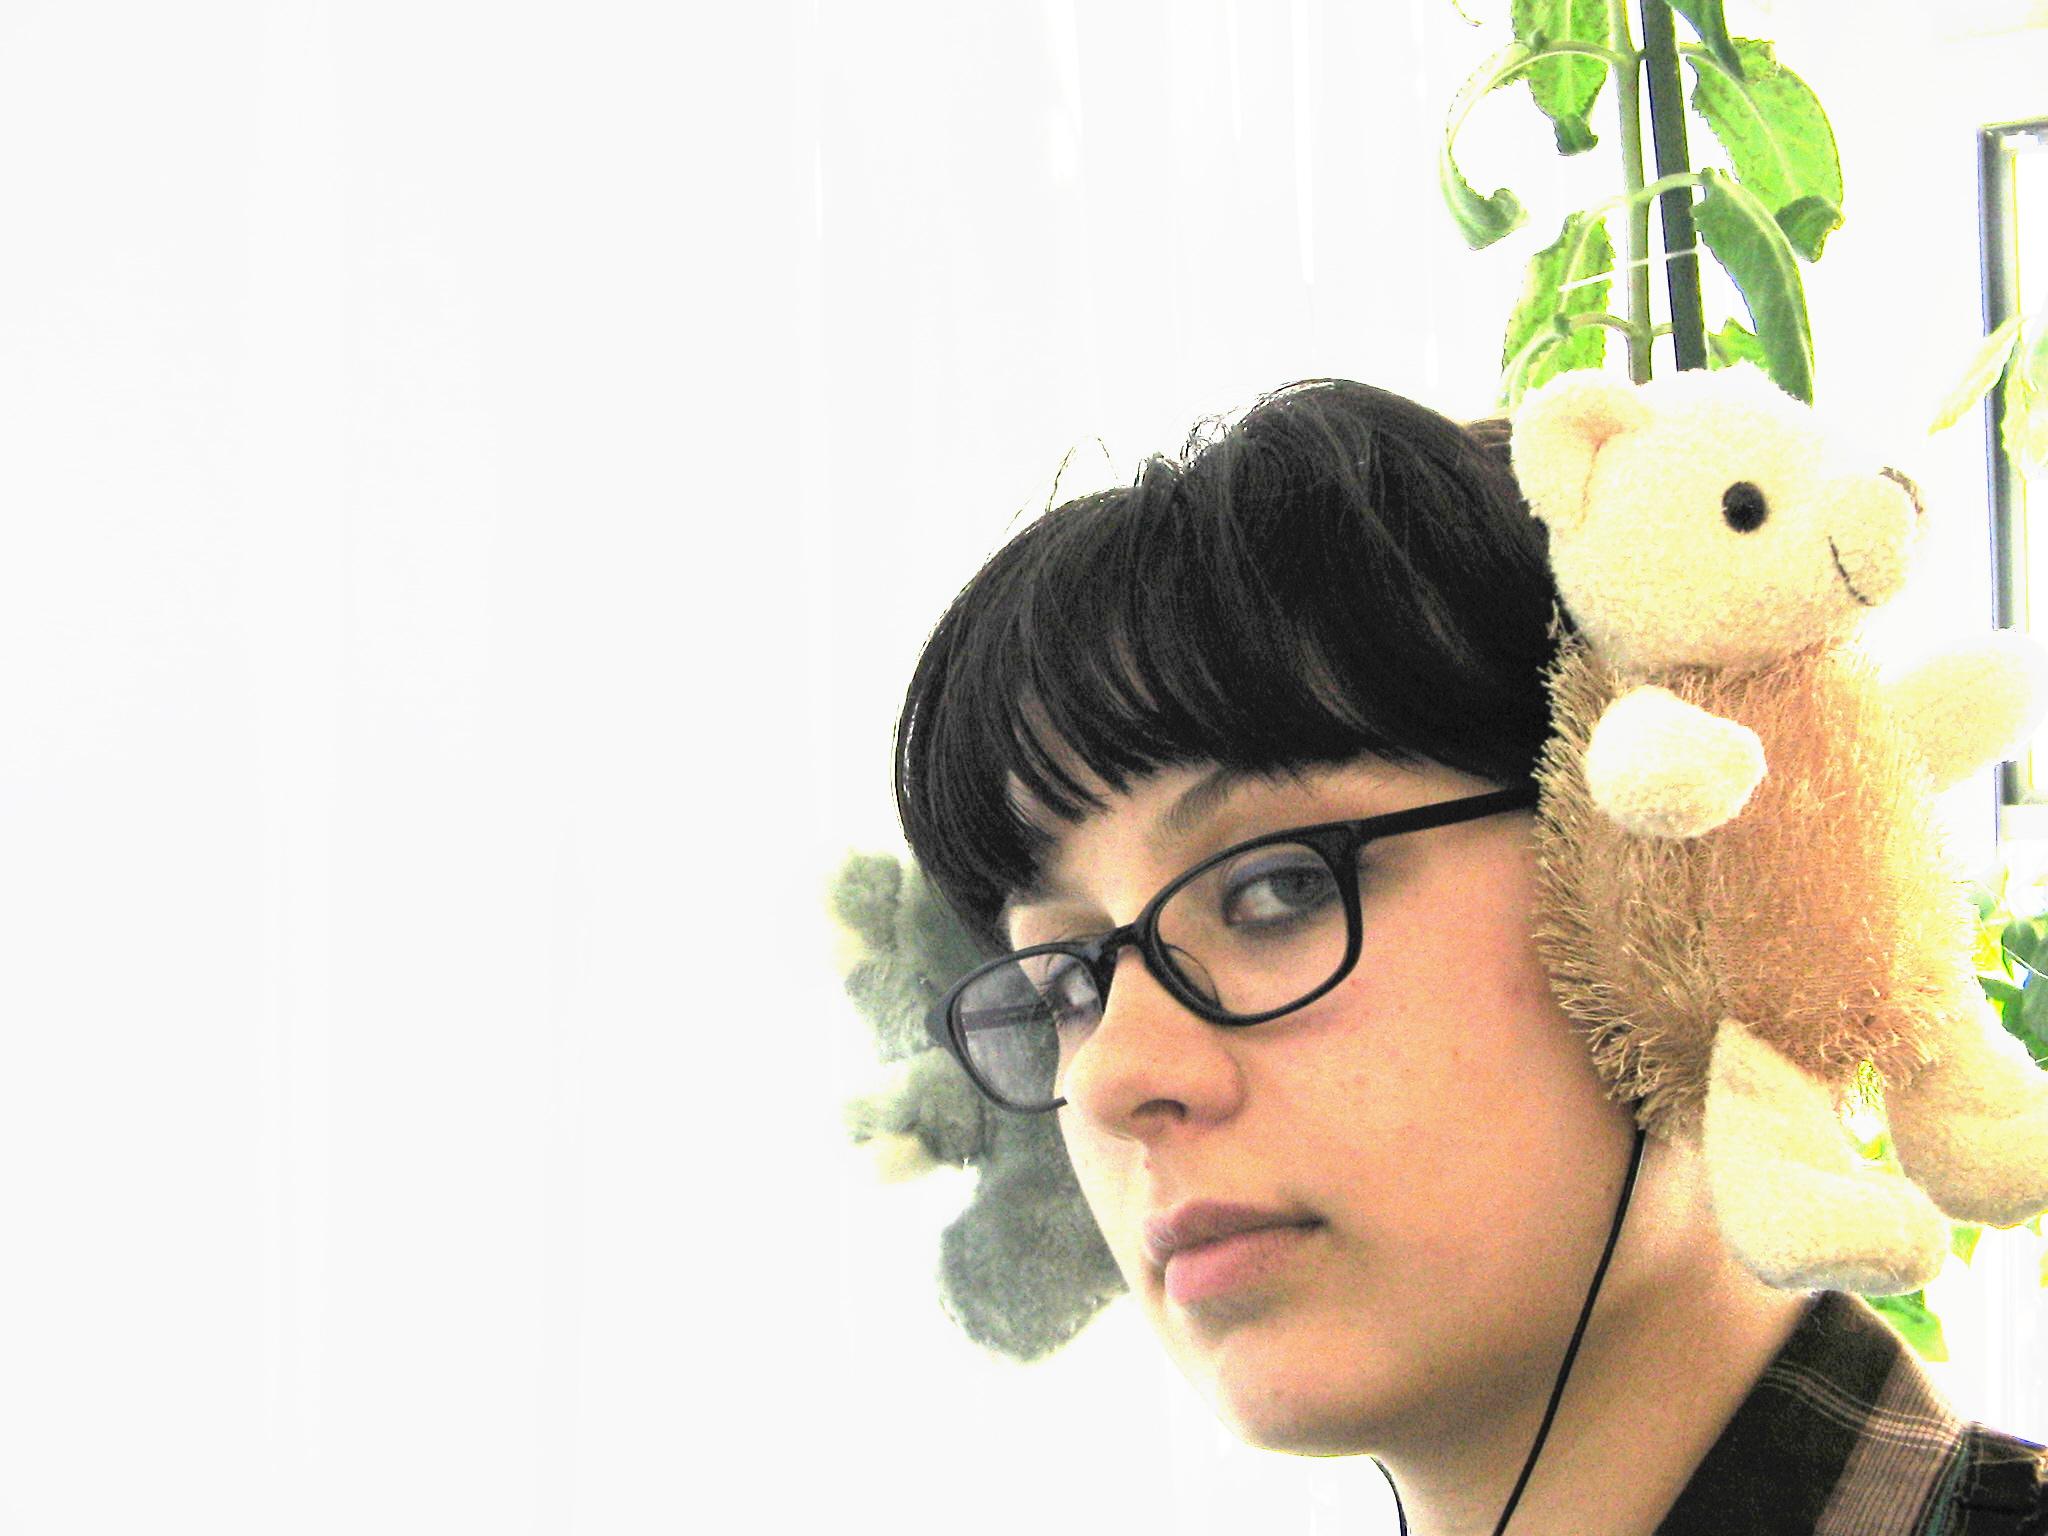 Stuffed-Animal Headphones